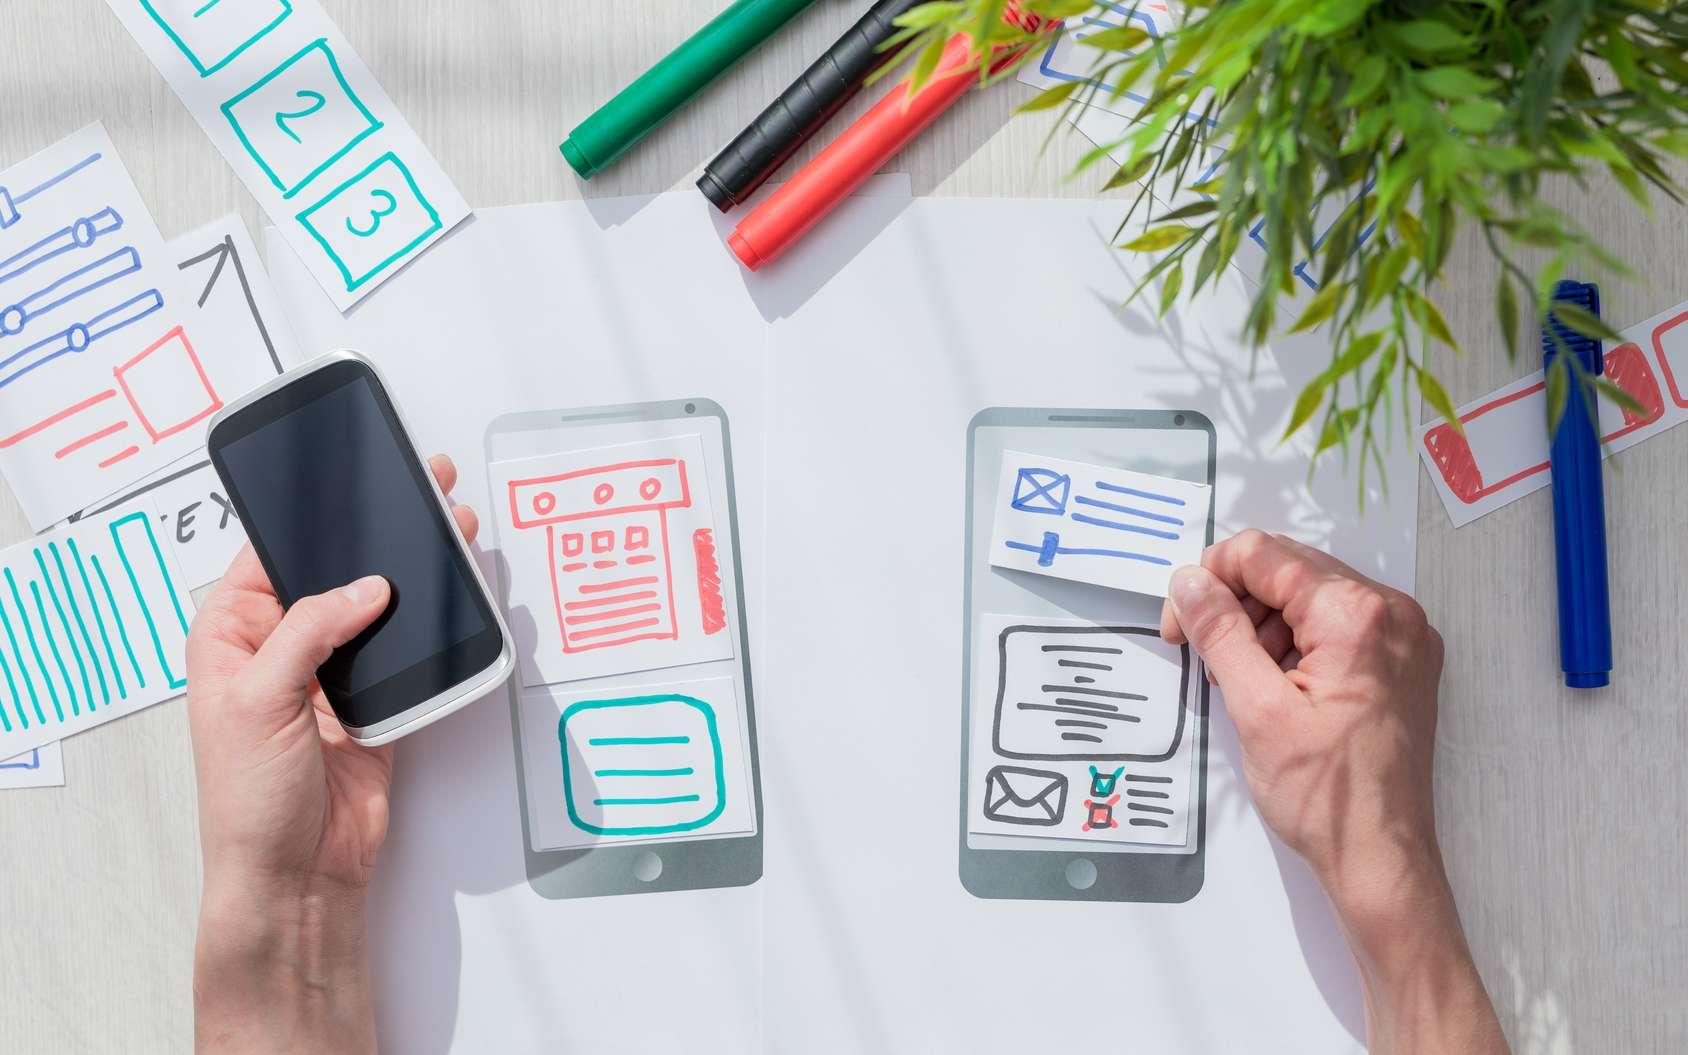 L'UX designer se met à la place de l'utilisateur final pour proposer la meilleure interface possible et la rendre la plus agréable possible. © REDPIXEL, Fotolia.